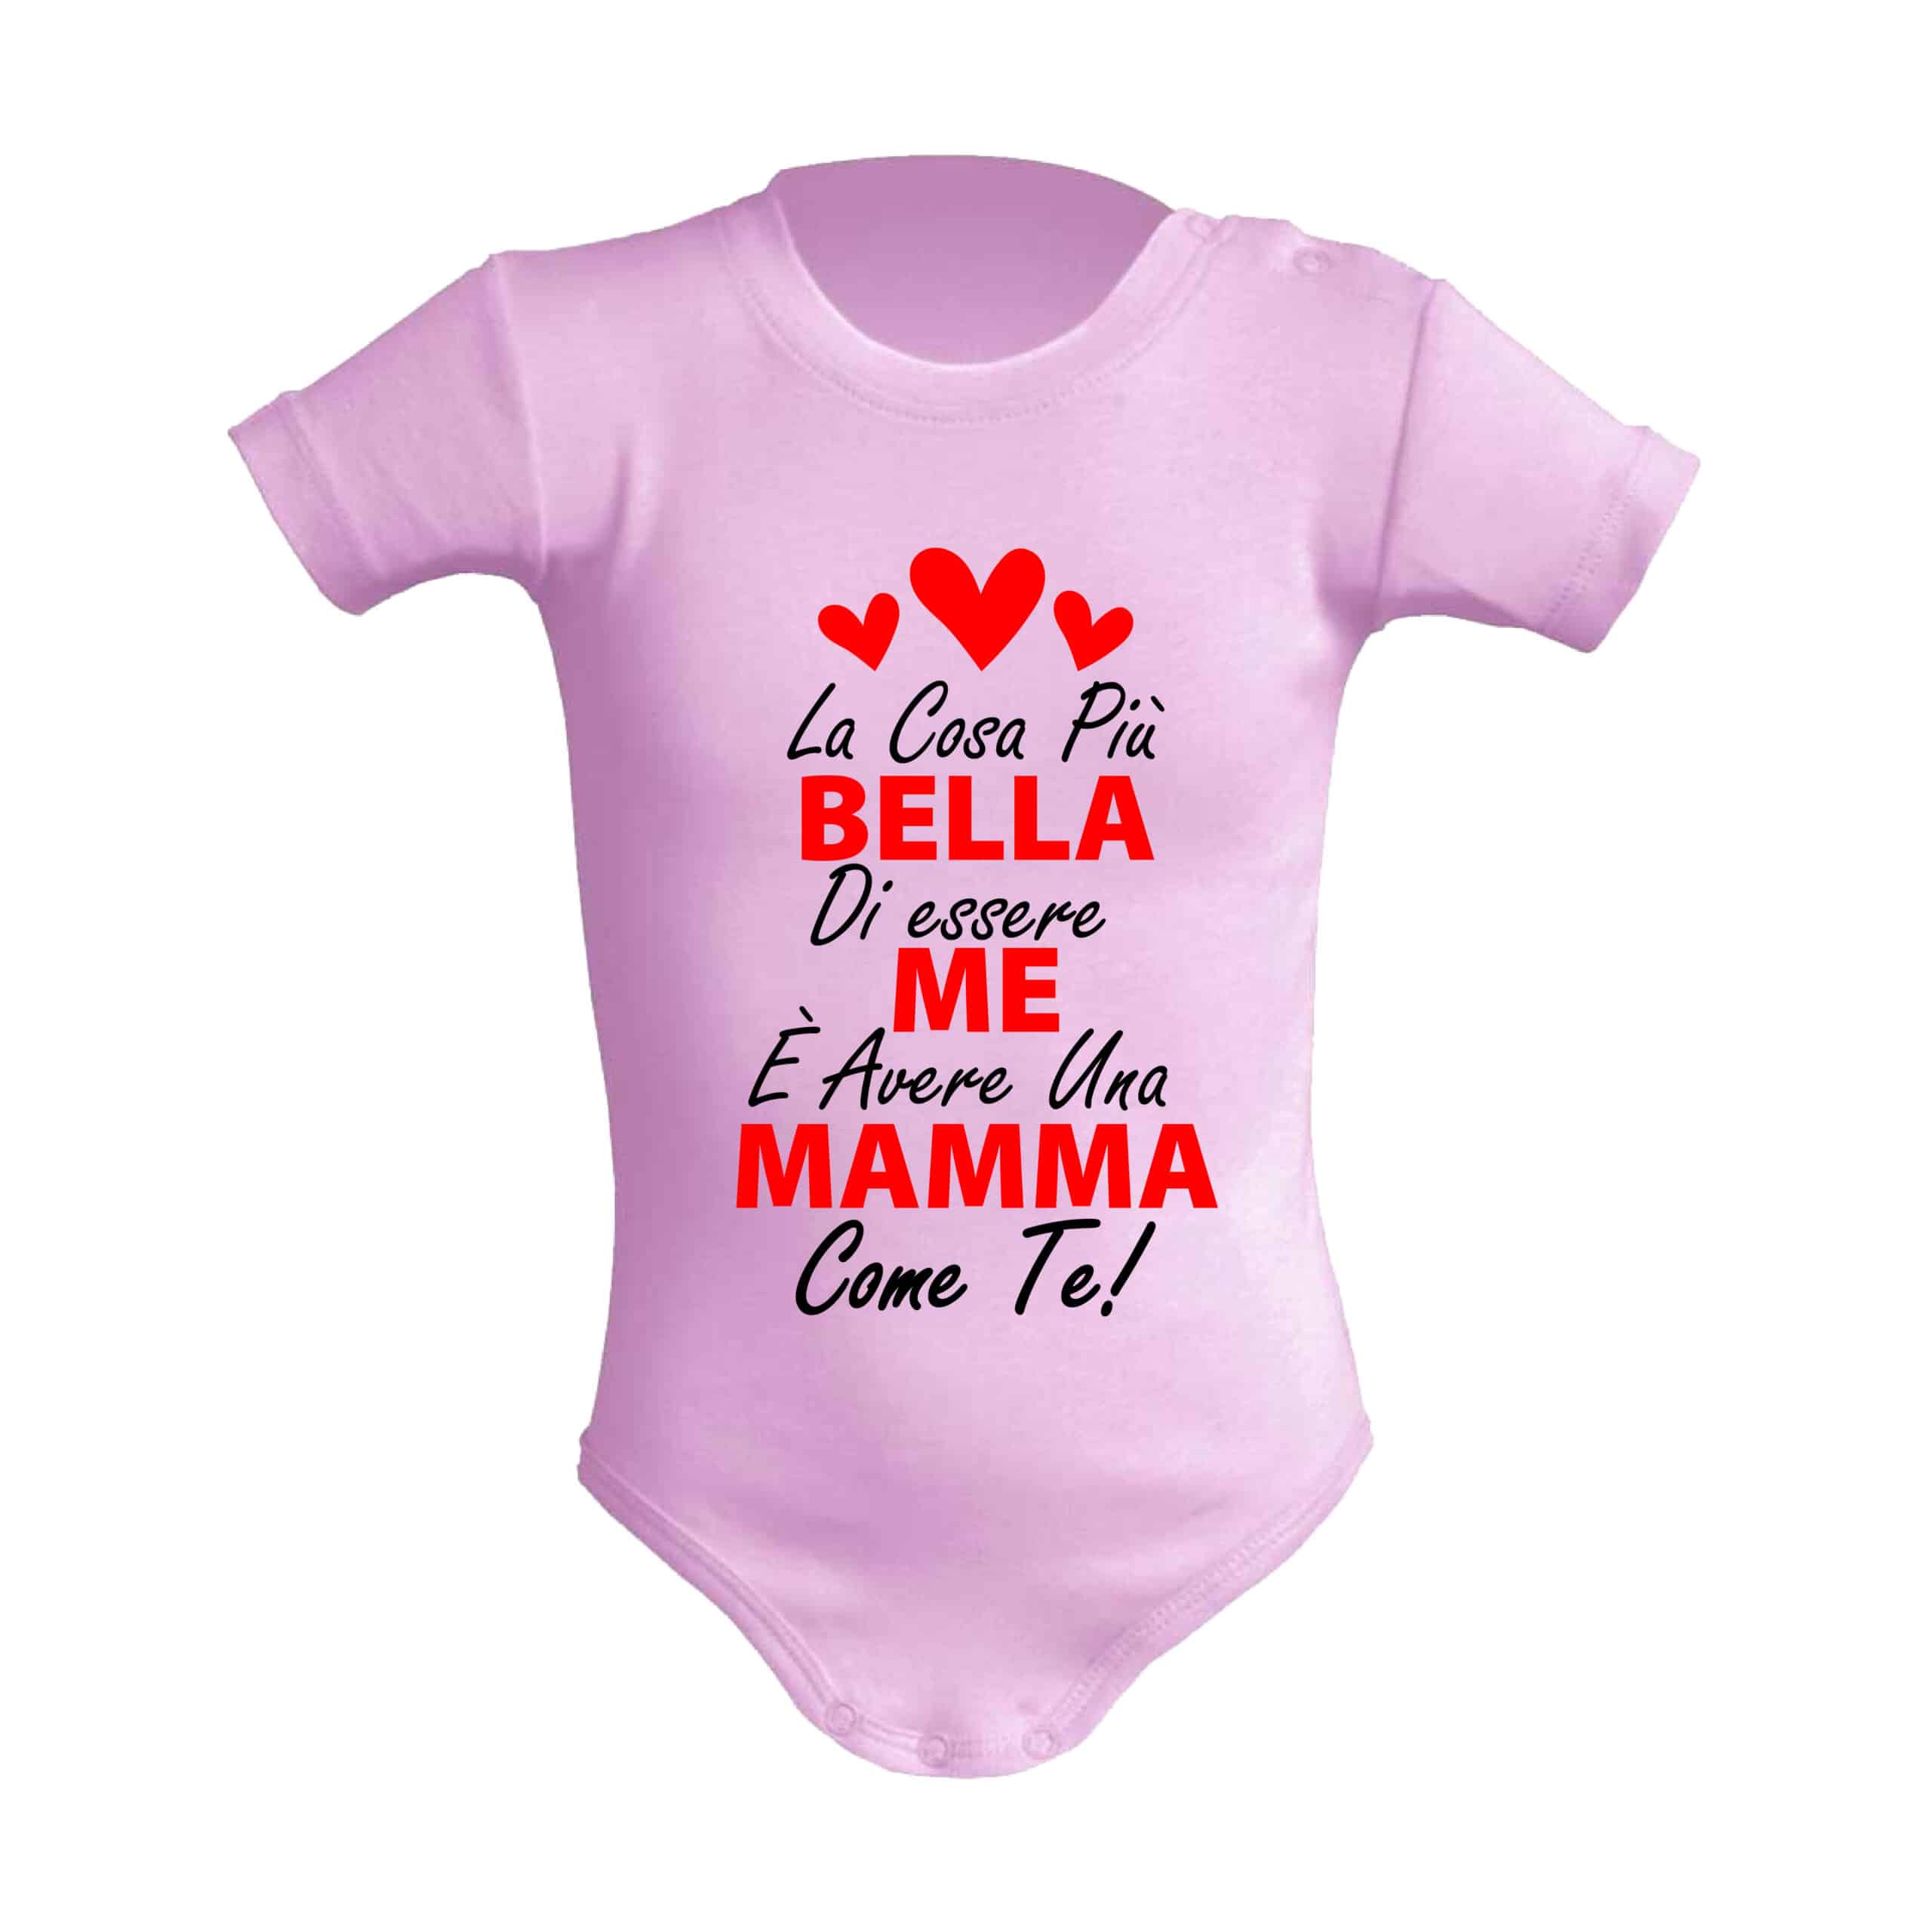 body-avere-una-mamma-come-te